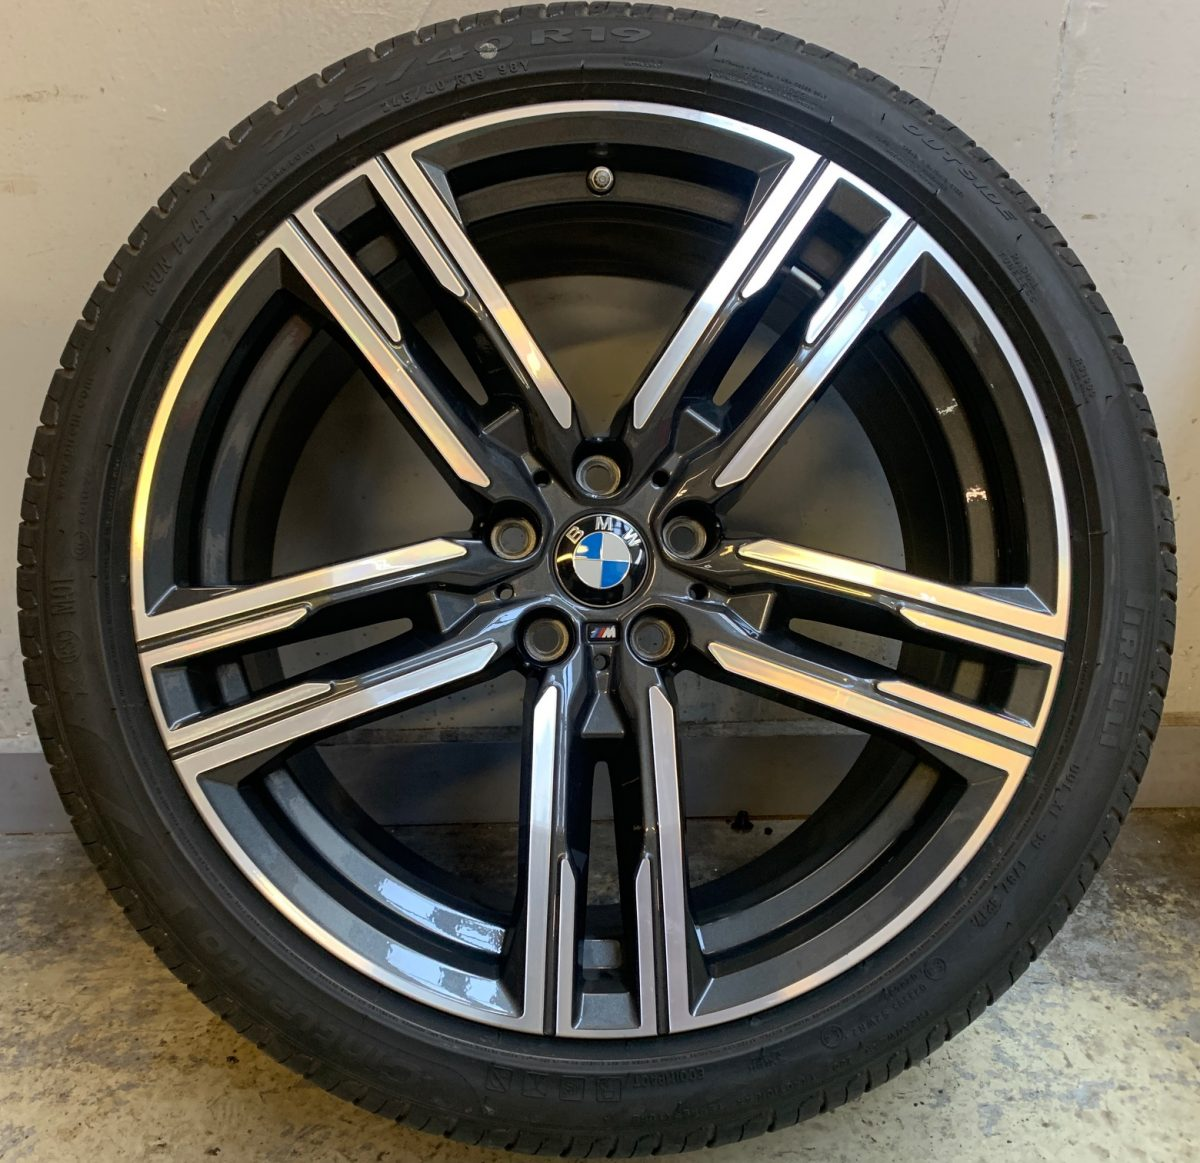 BMW G30-G15 (727M style) 5x112 újszerű nyári garnitúra! Pirelli és Conti gumikkal,nyomásszenzorral! 1